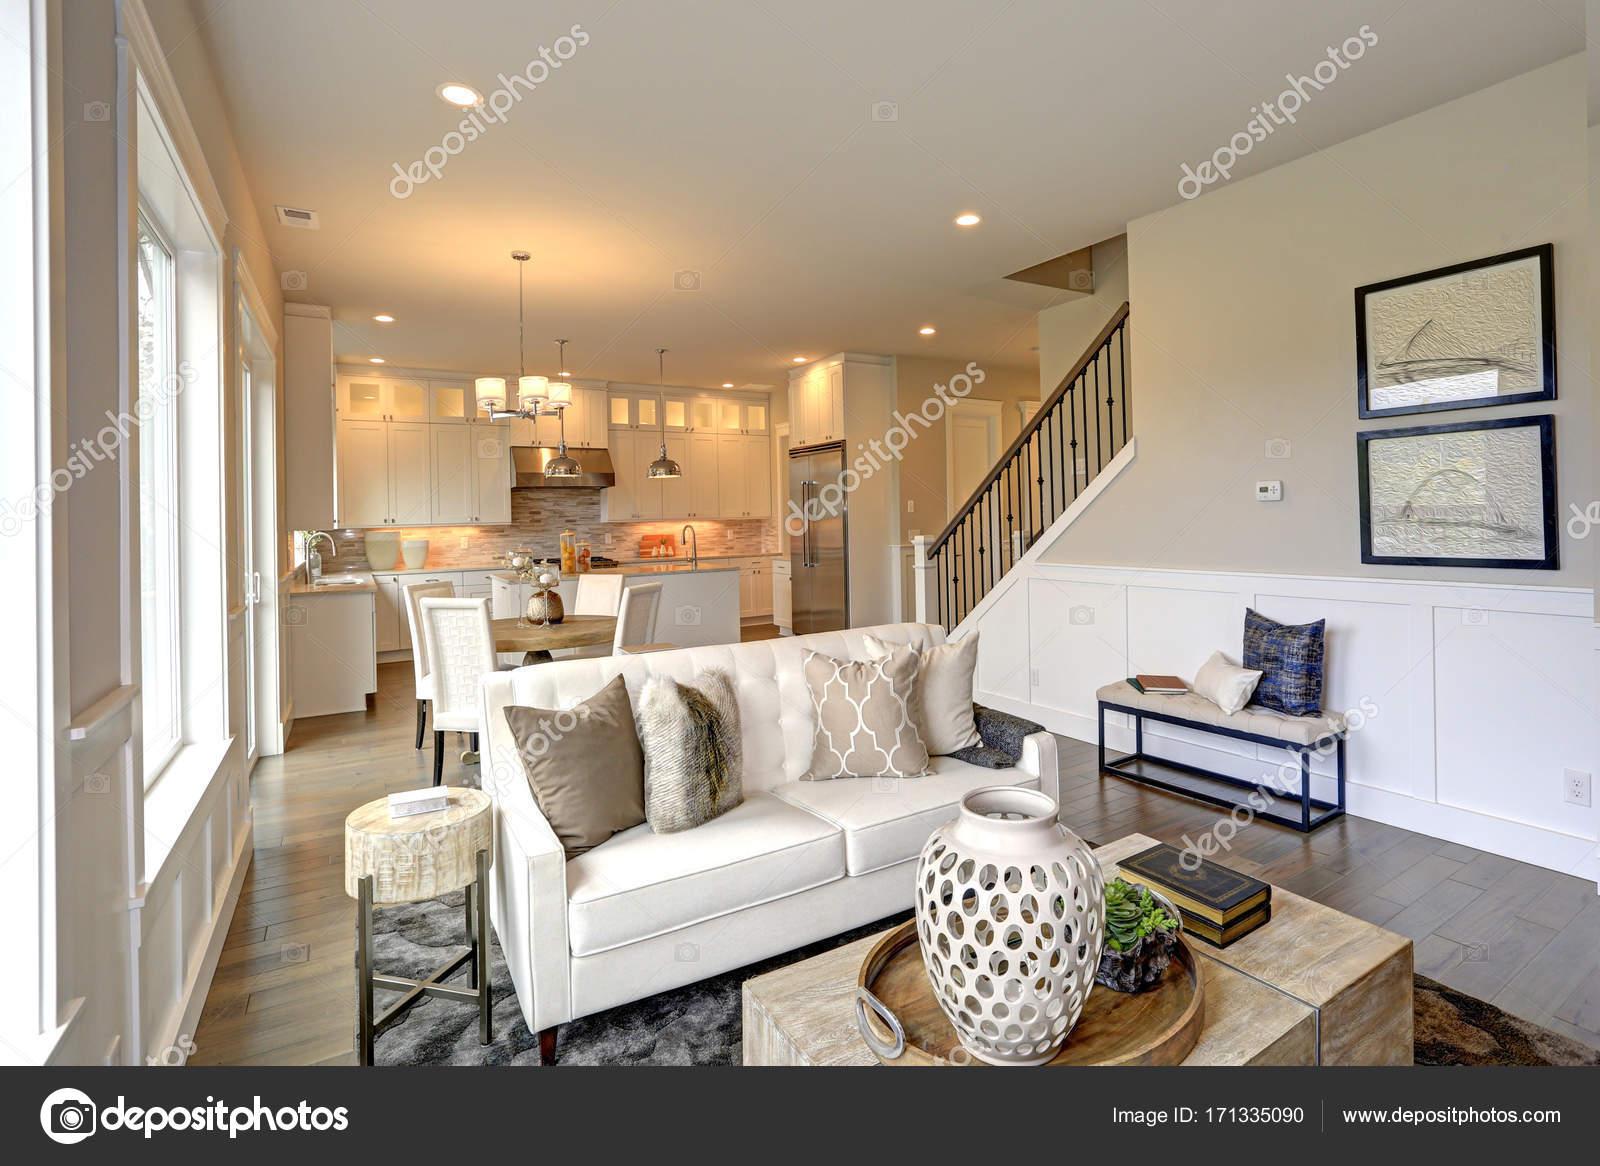 salle de s jour de luxe dispose de douces couleurs murs ocre photographie alabn 171335090. Black Bedroom Furniture Sets. Home Design Ideas